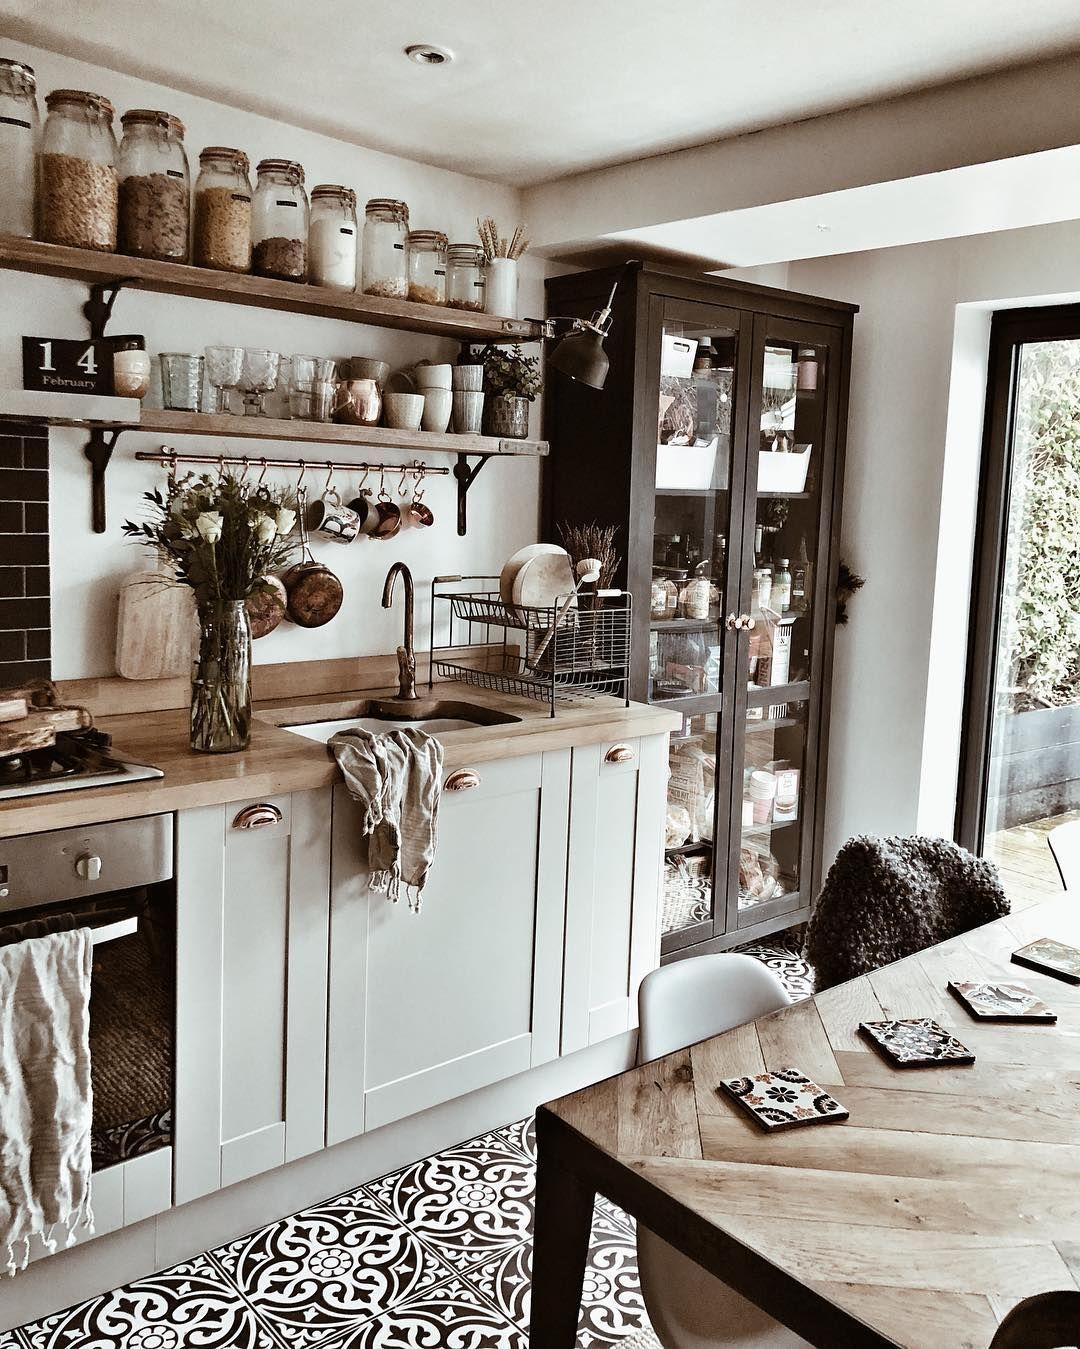 28 Small Kitchen Design Ideas: 28 Stunning Kitchen Island Ideas